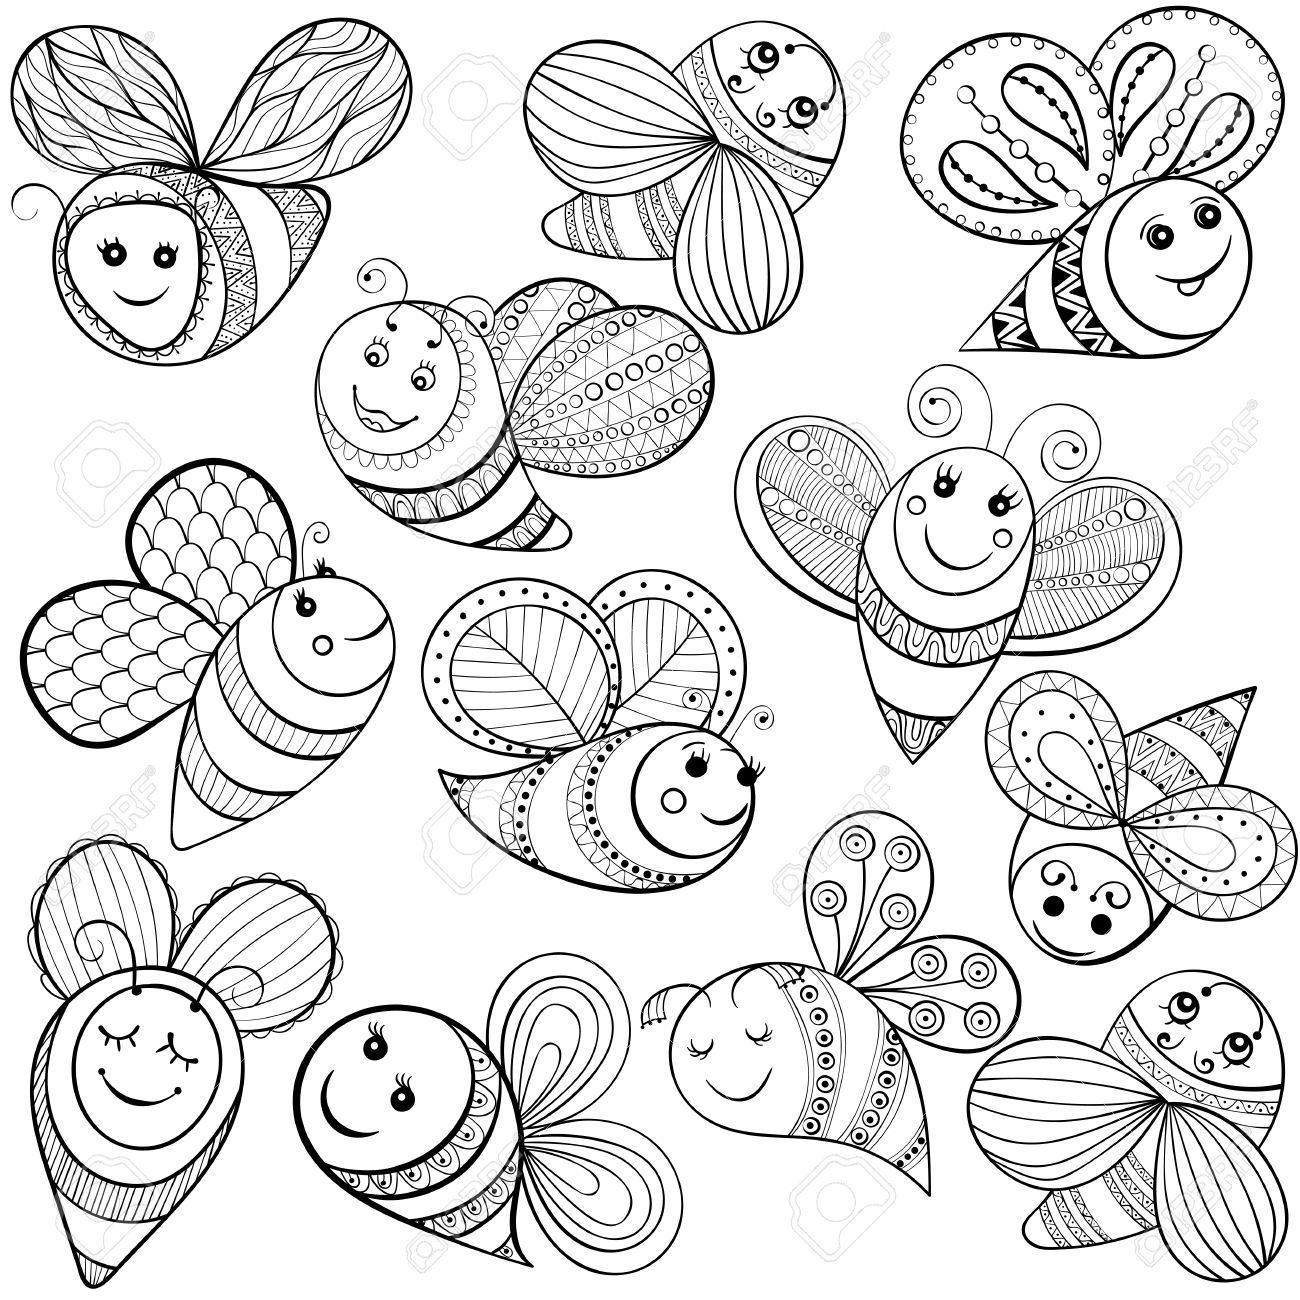 Coloriage Magique Insecte.Abeilles Vecteur Pour Coloriage Adulte Hand Drawn Abeille Magique Drole Pour T Shirt Imprime En Zentangle Conception De Tatouage Doodle Modelee